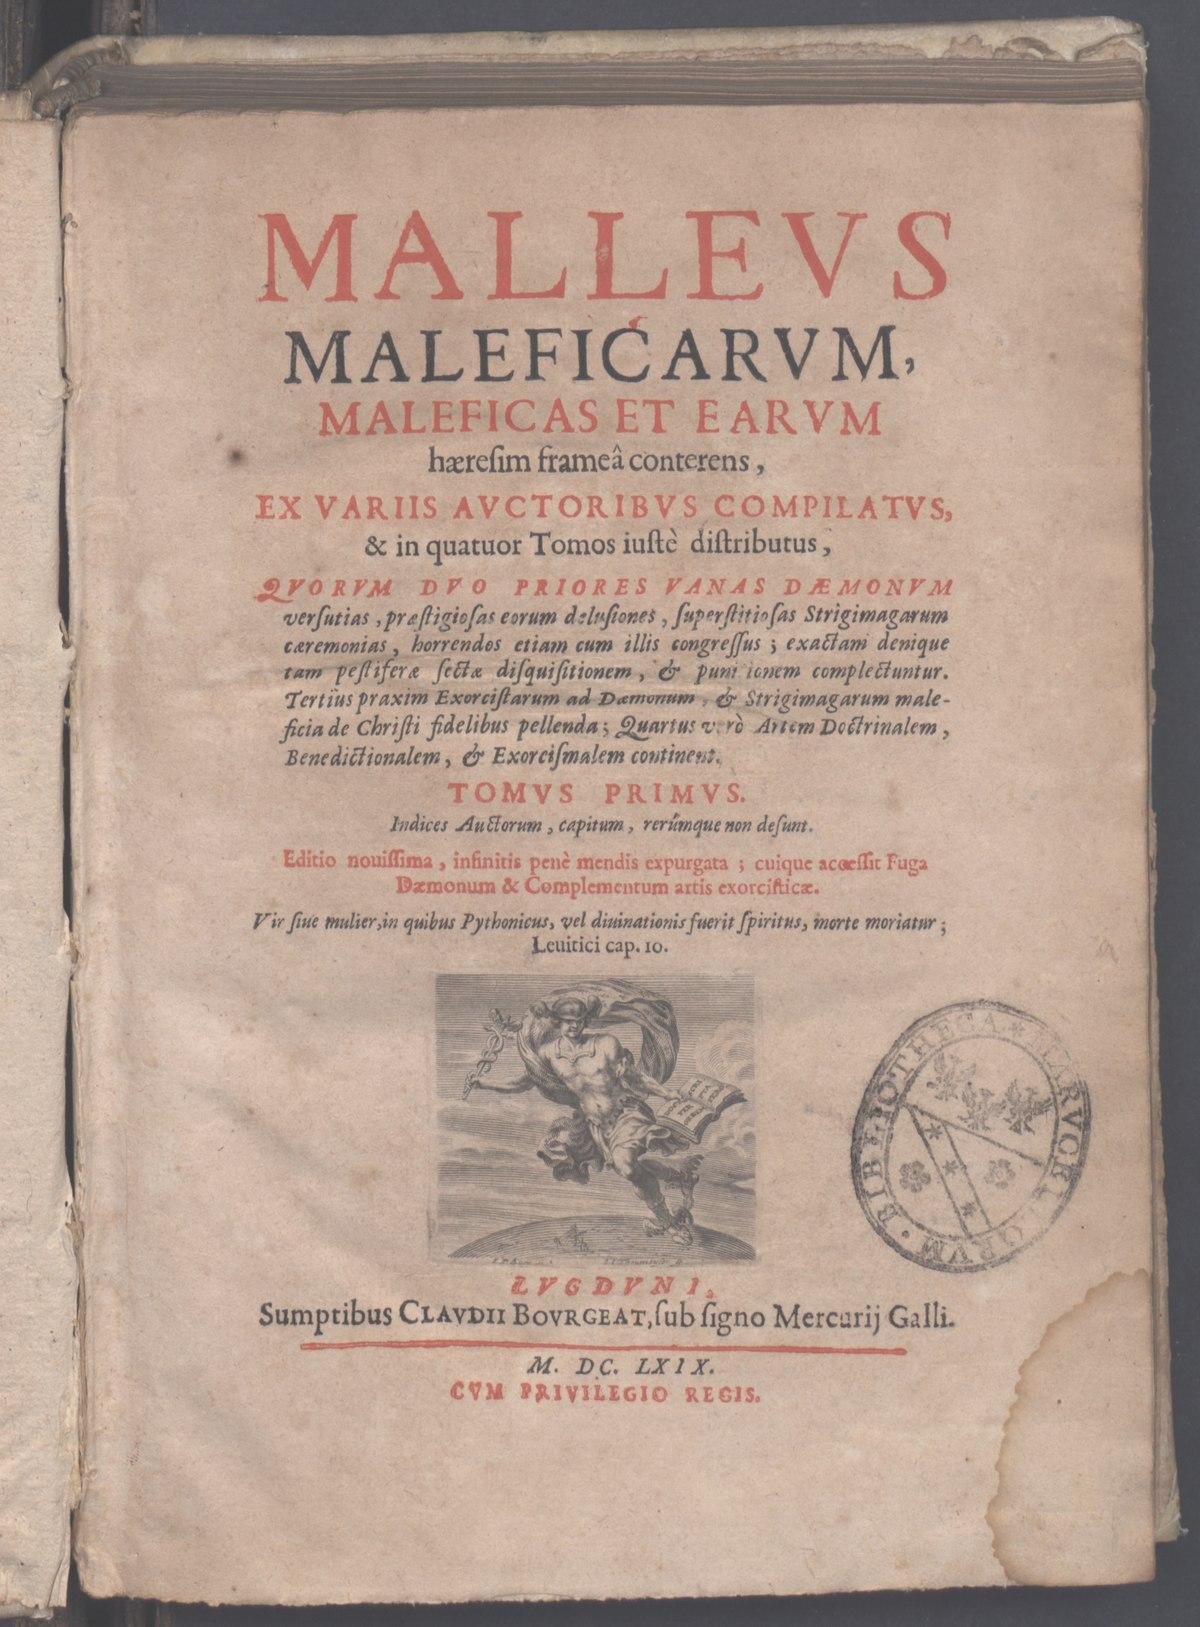 Malleus Maleficarum - Wikipedia